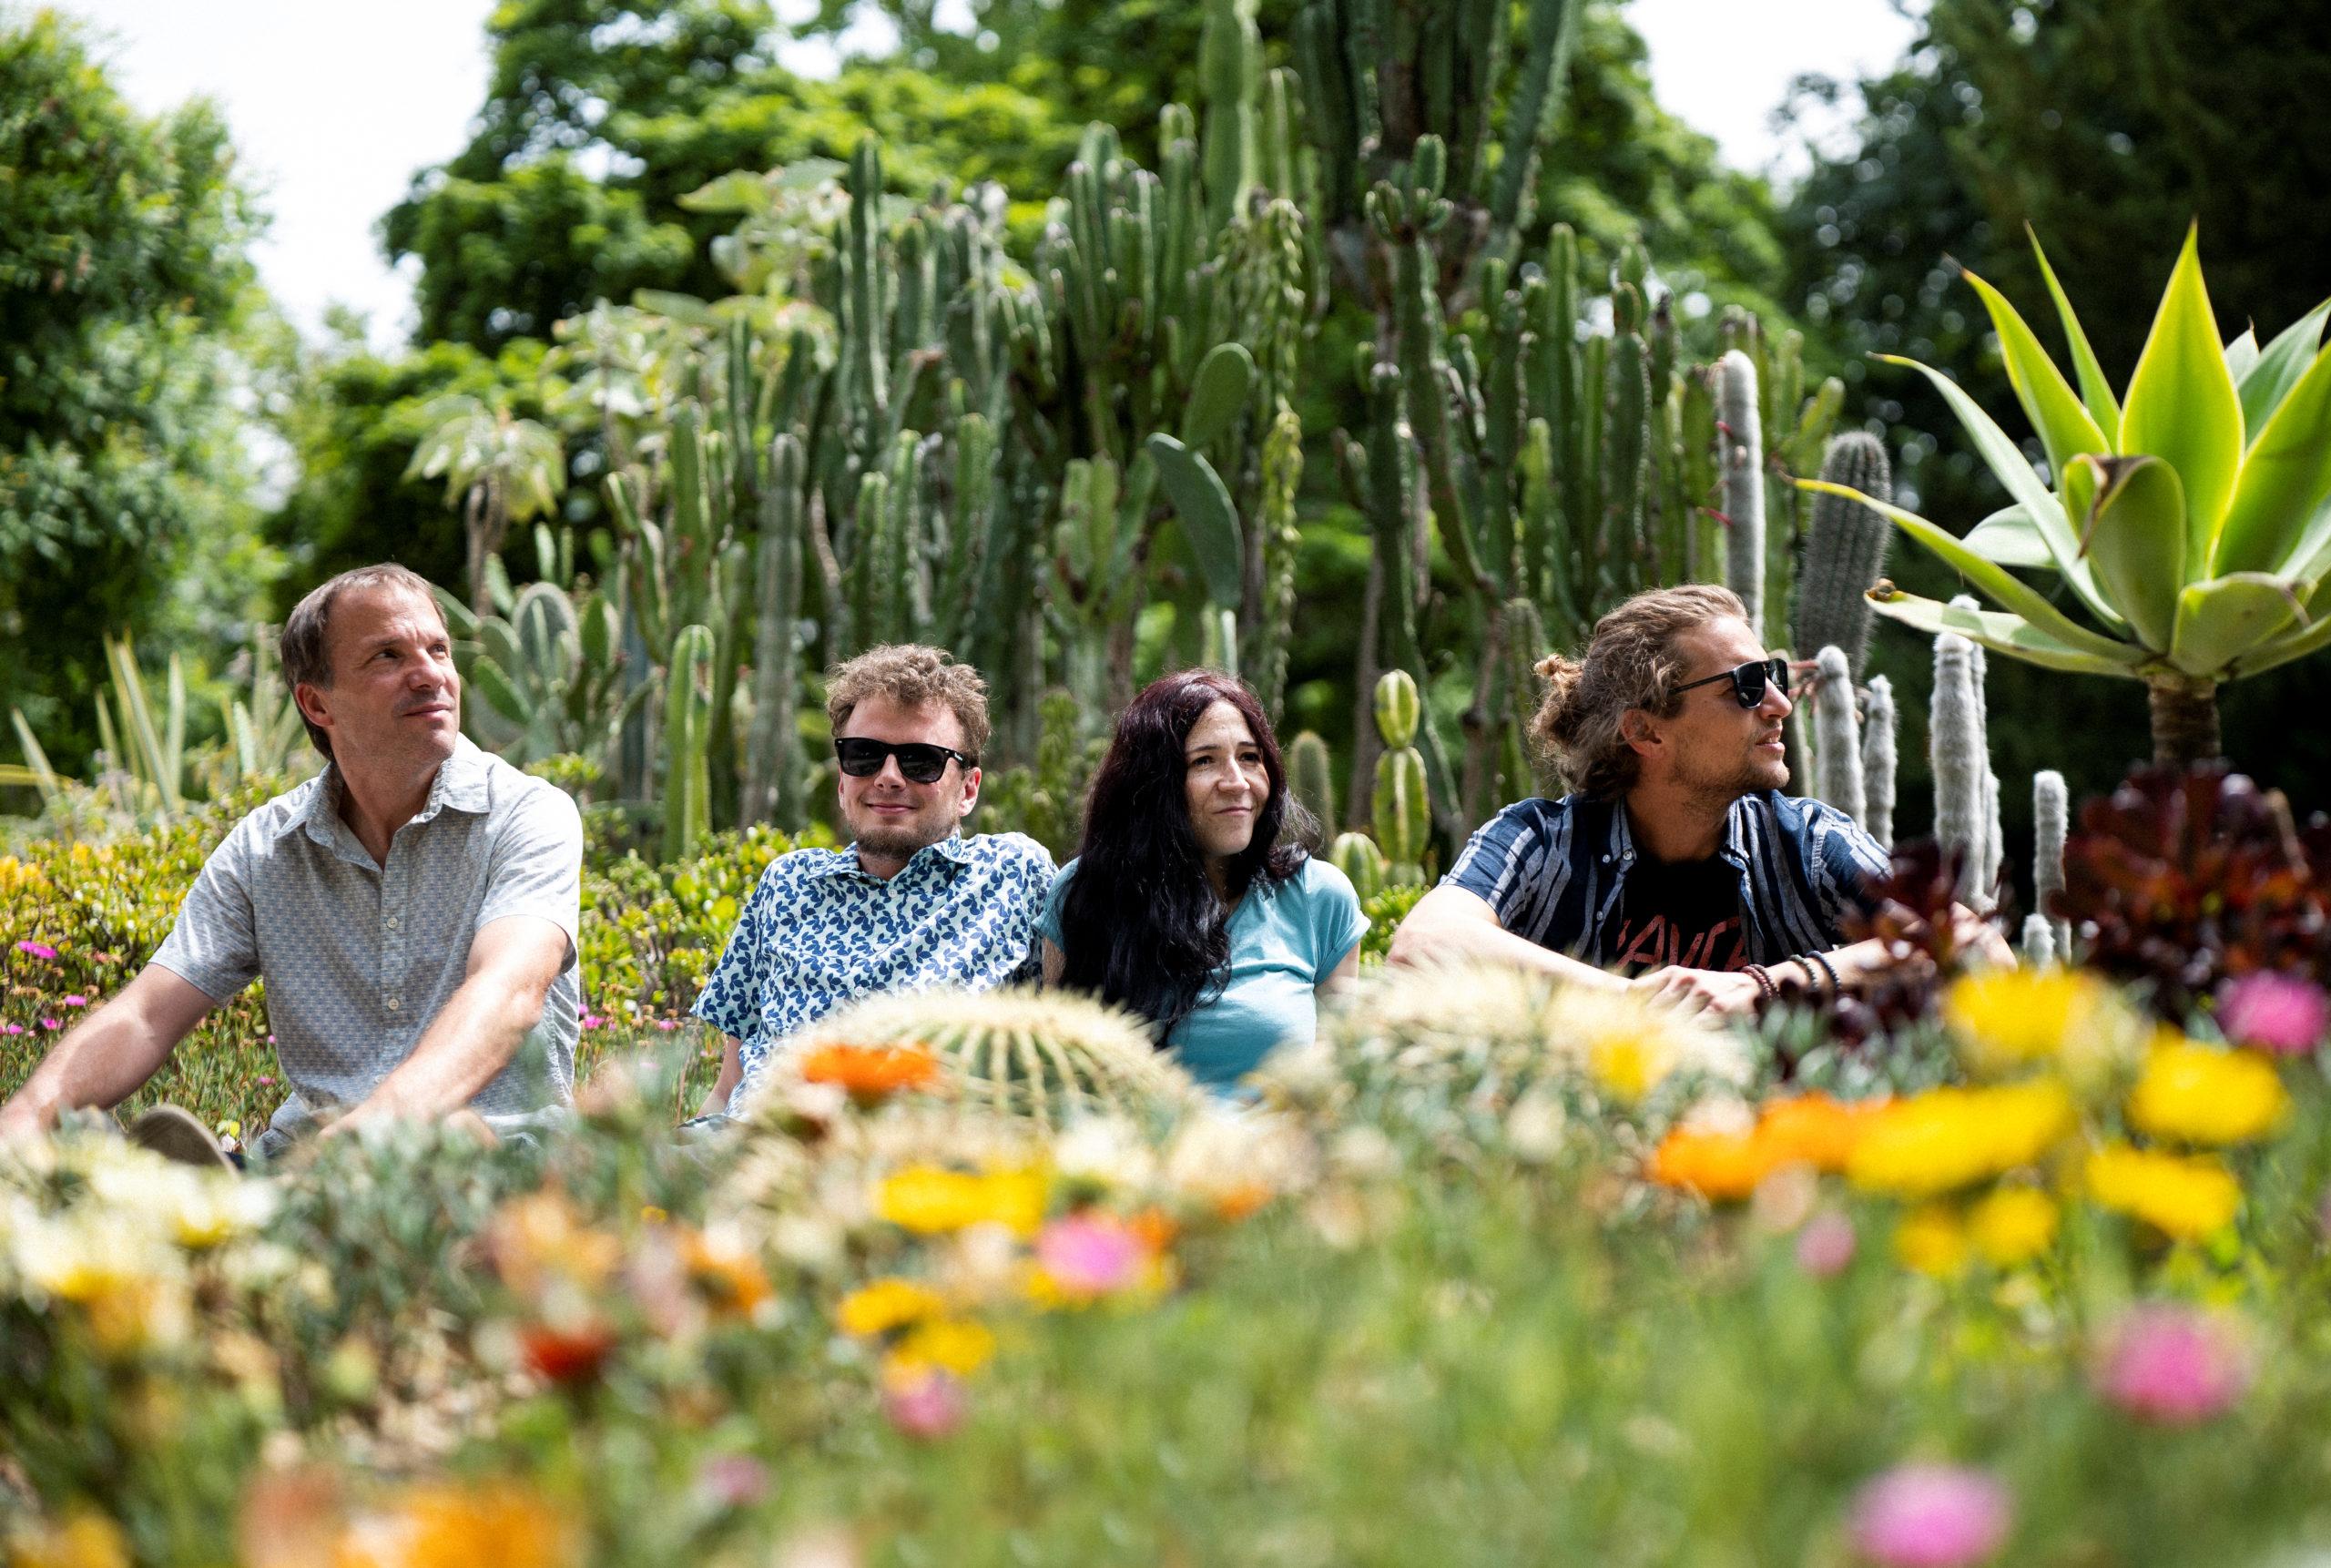 Juleah Band